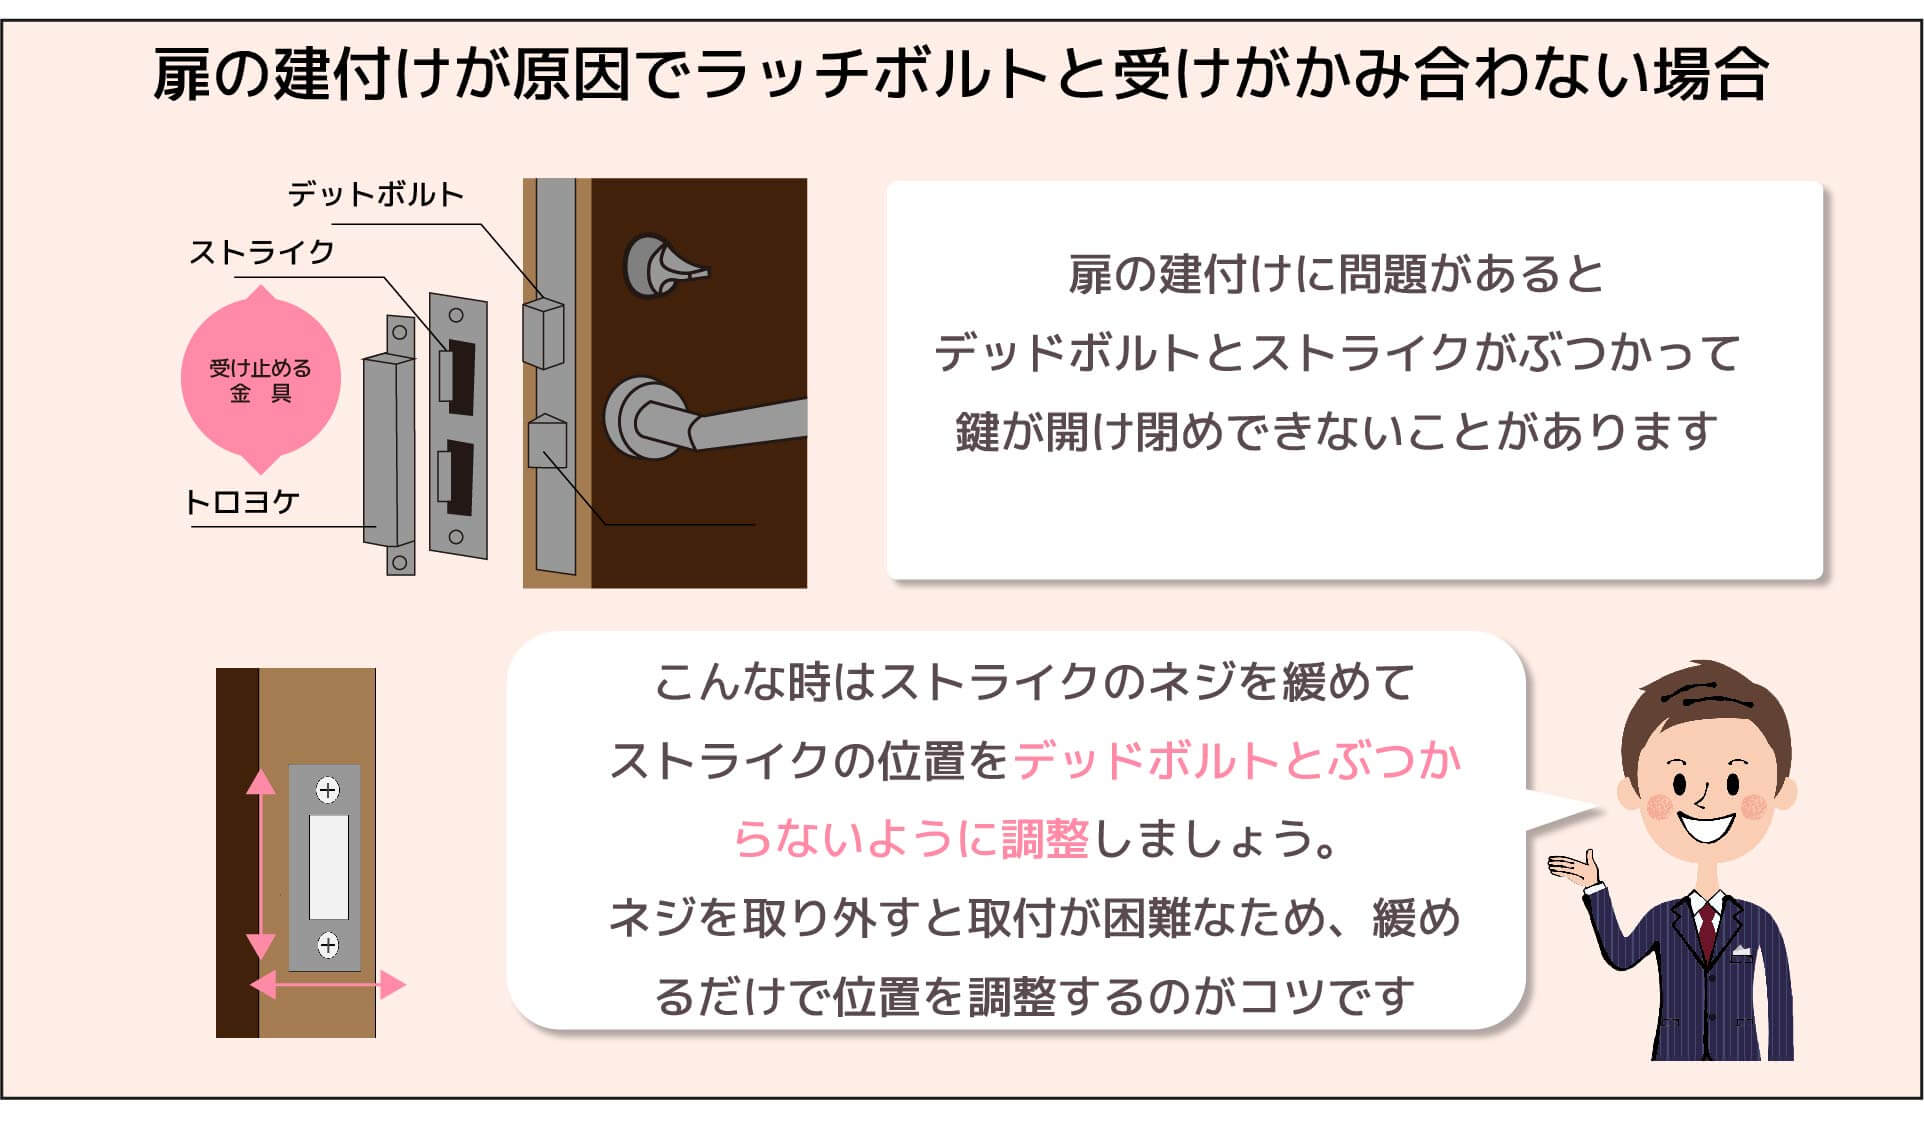 扉の建付けが原因でラッチボルトと受けがかみ合わない場合